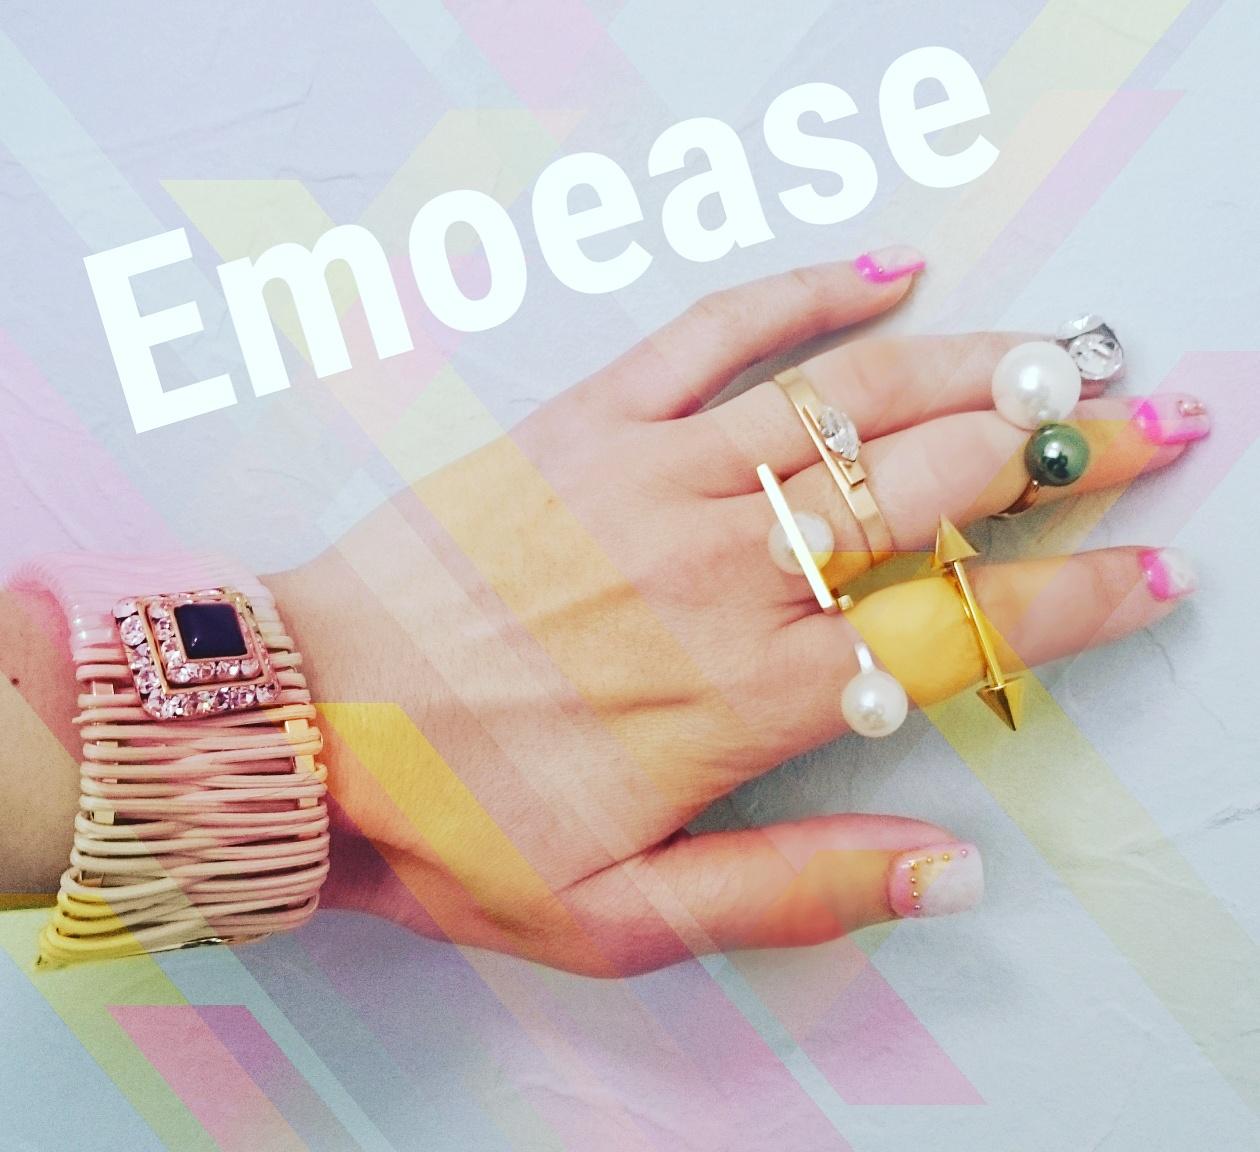 Emoease